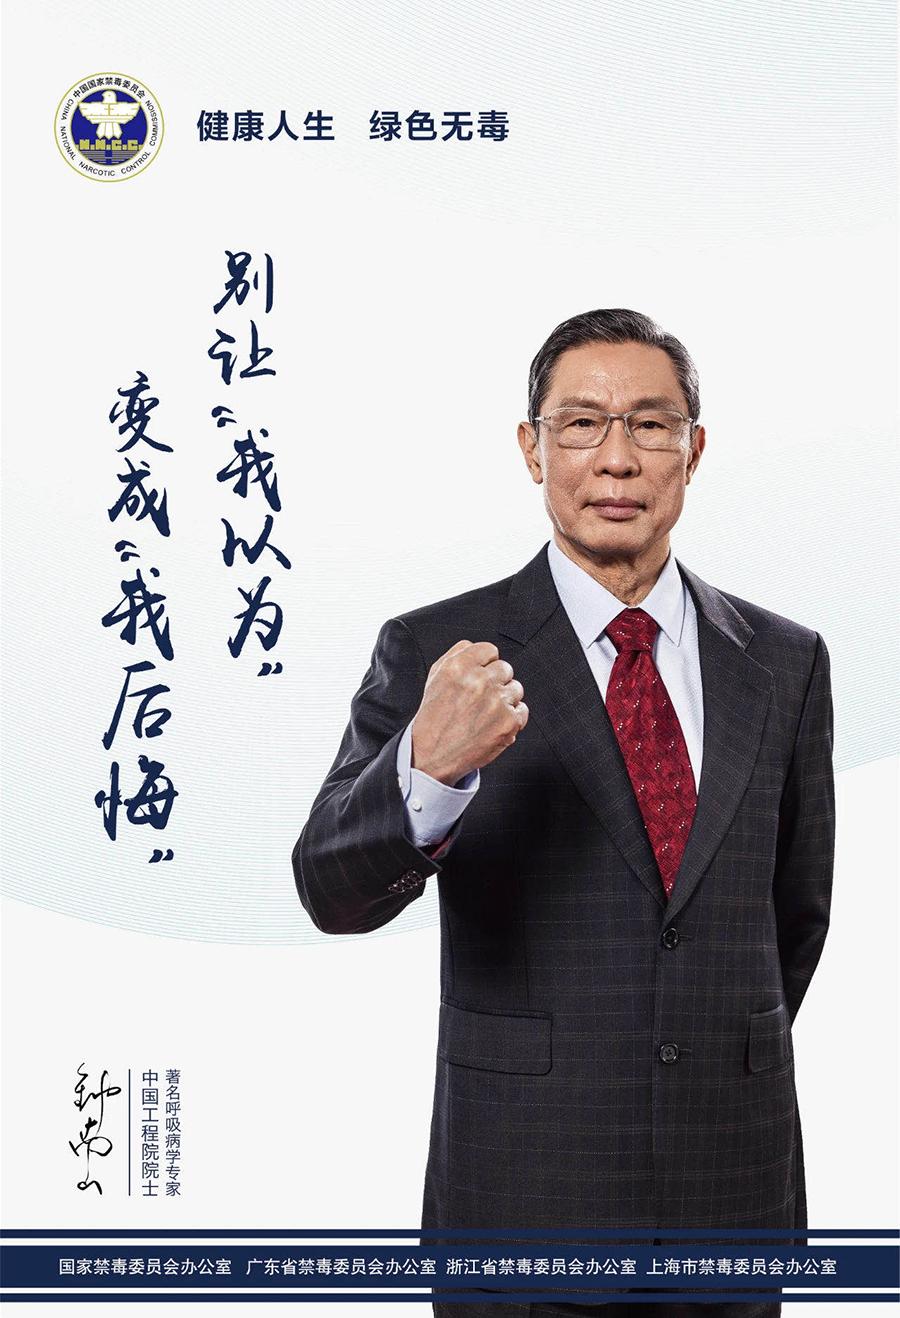 国际禁毒日|钟南山、李兰娟、张文宏助力禁毒:健康人生,绿色无毒!